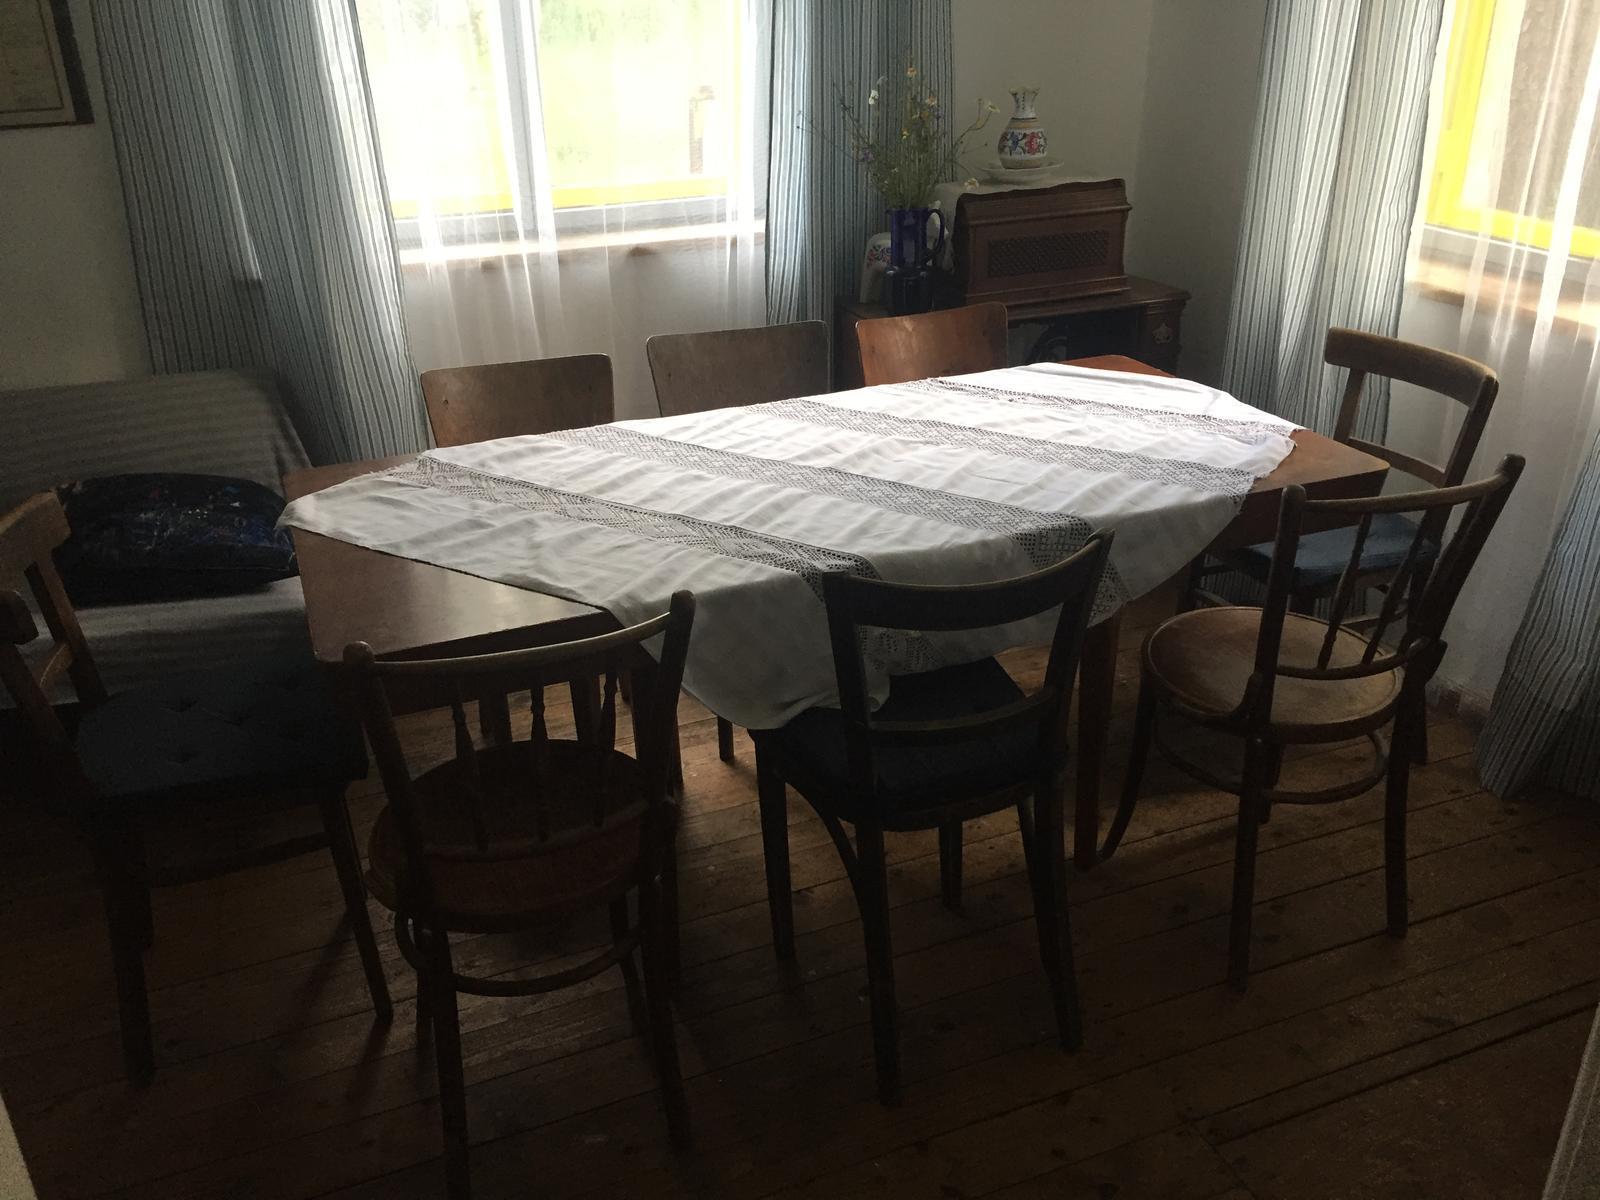 Perníková chalúpka - nový stôl - pre osem ľudí.  Proste jedáleň ako má byť :)